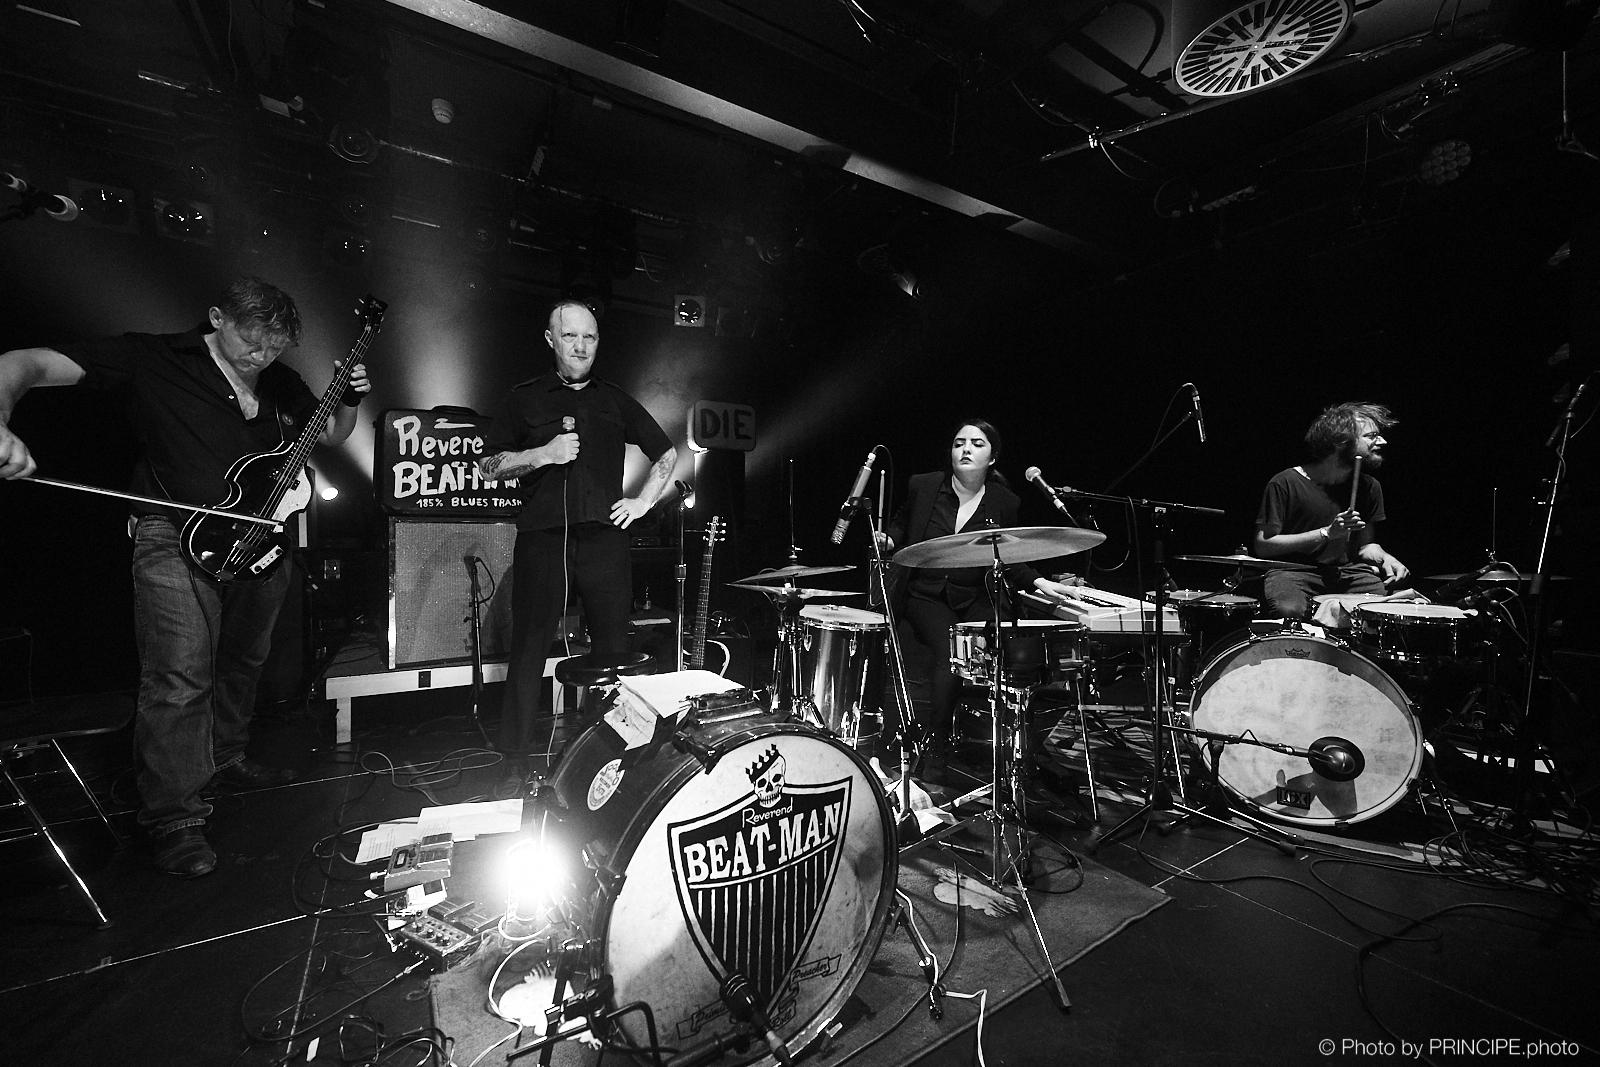 Reverend Beat-Man & The New Wave @ Czar Fest 2018